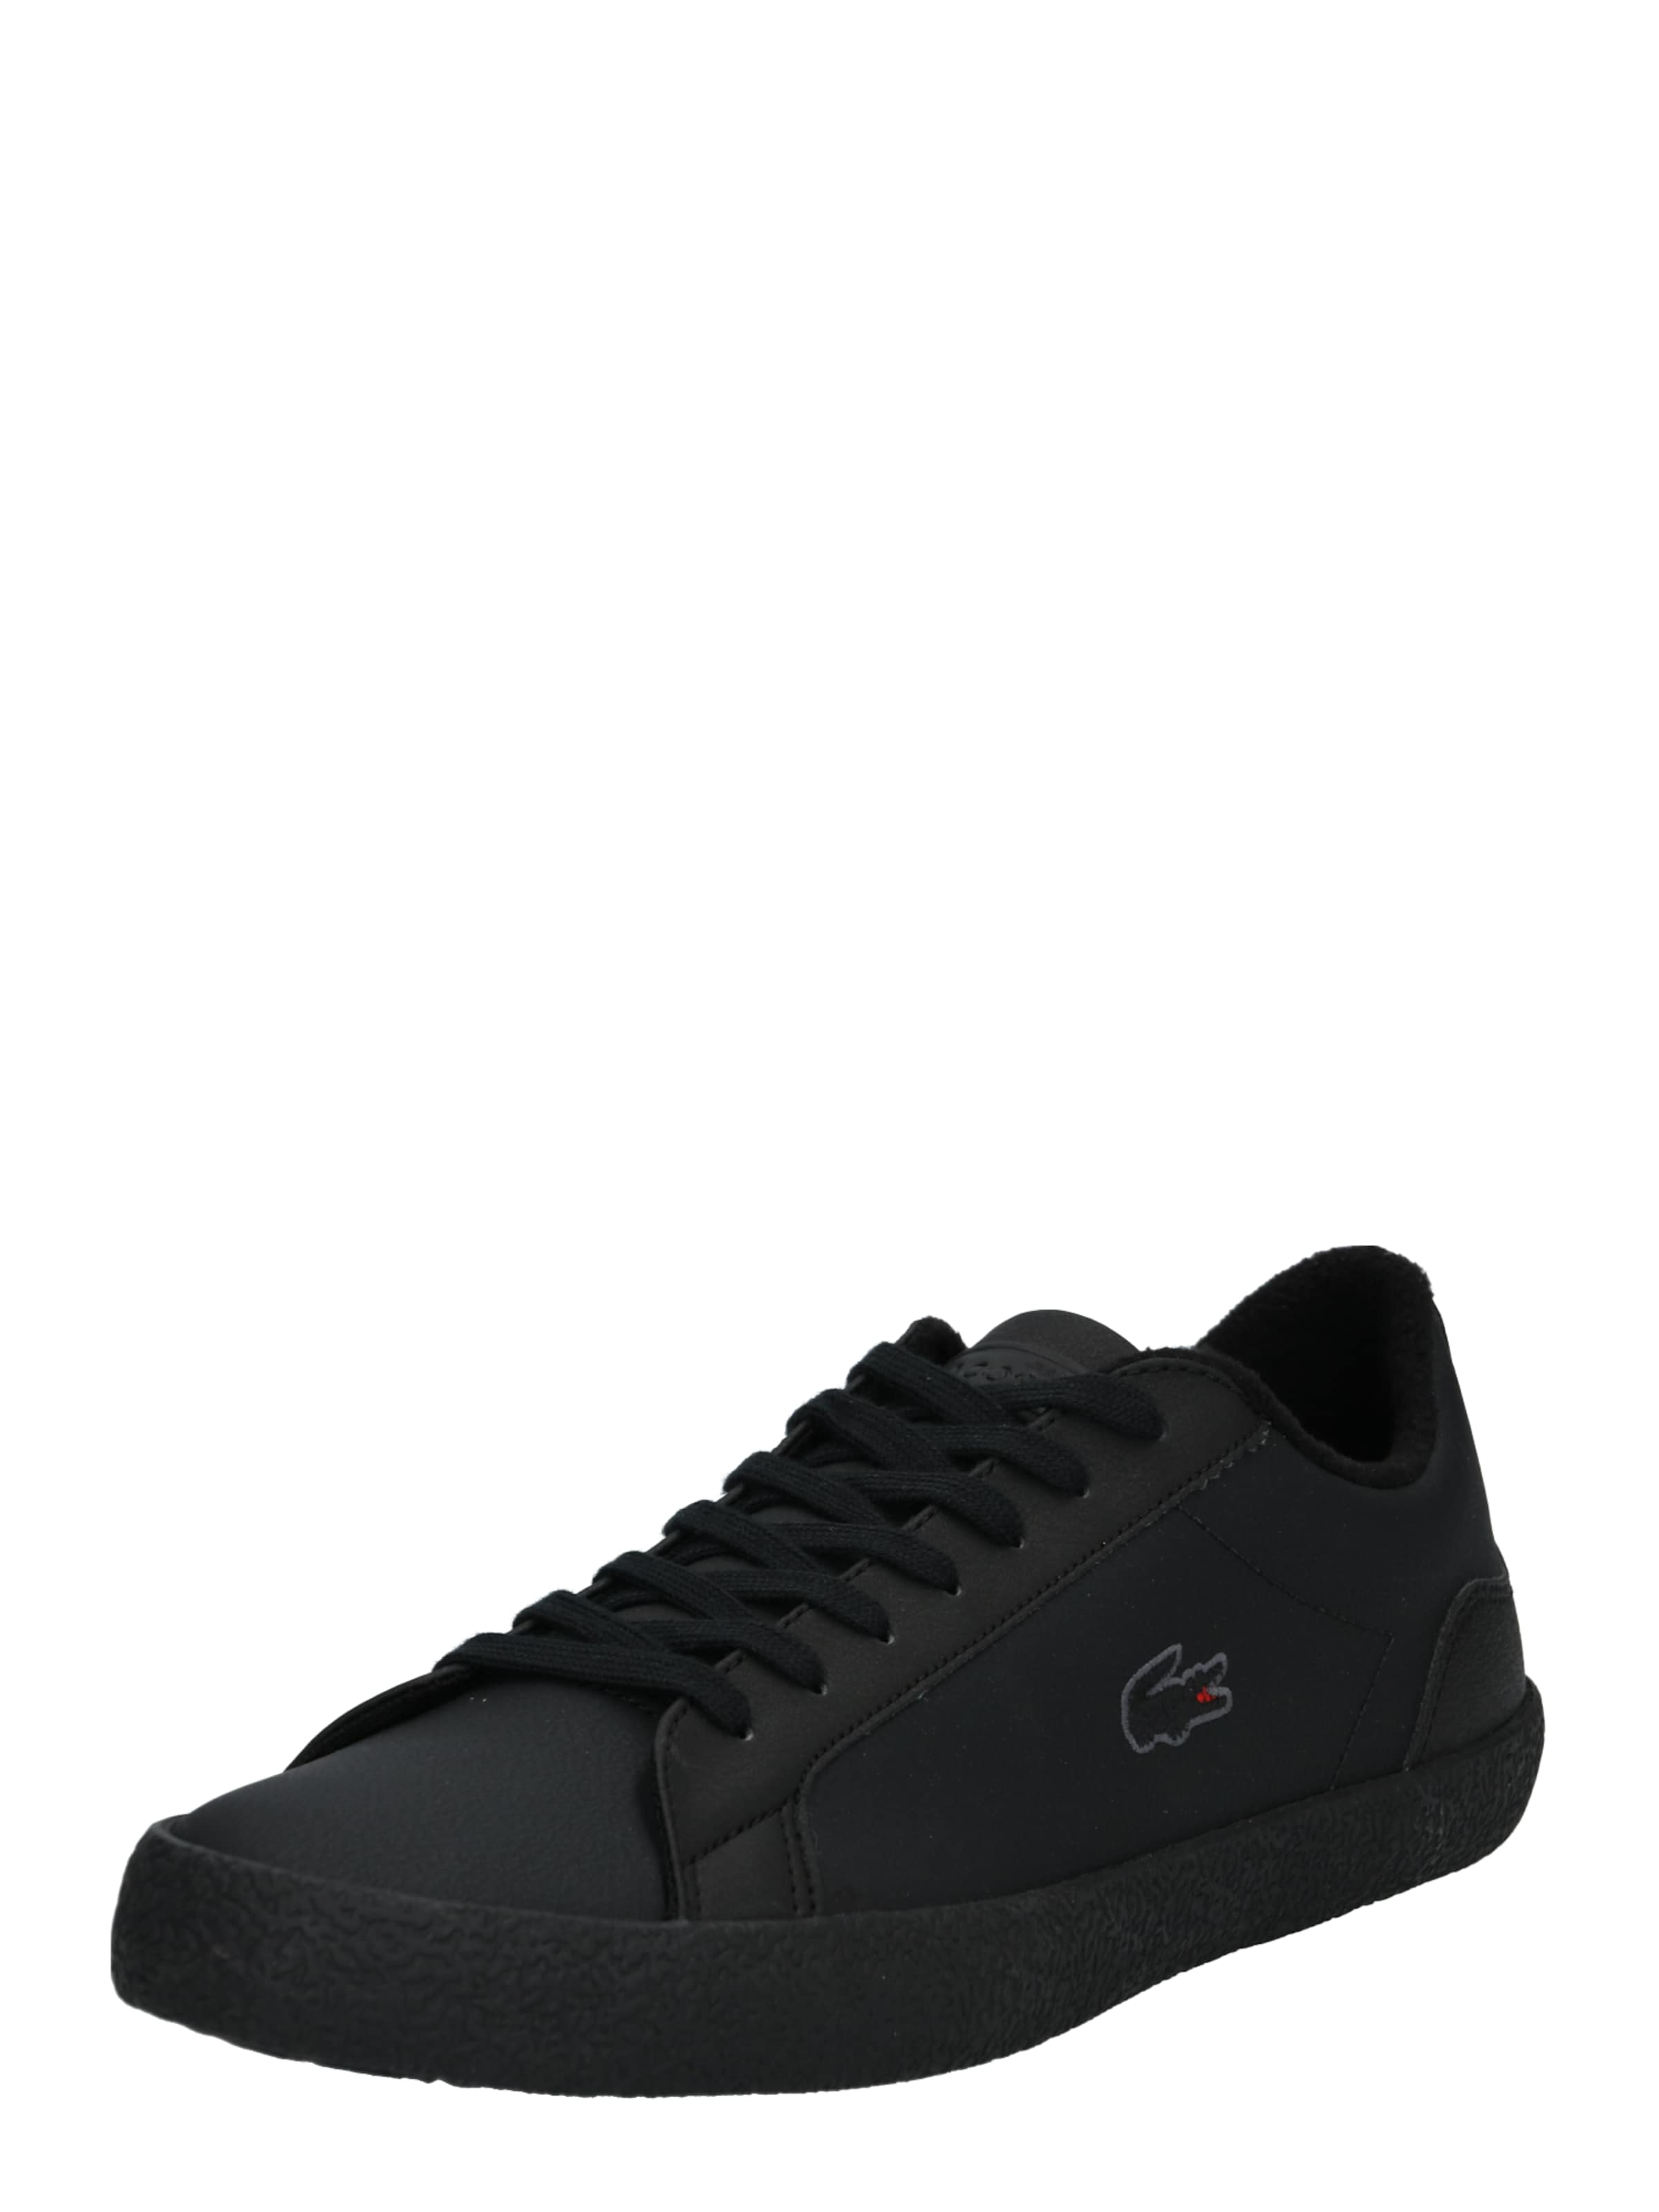 In Lacoste 319 Sneaker 6 Schwarz 'lerond Cma' L54Scj3ARq